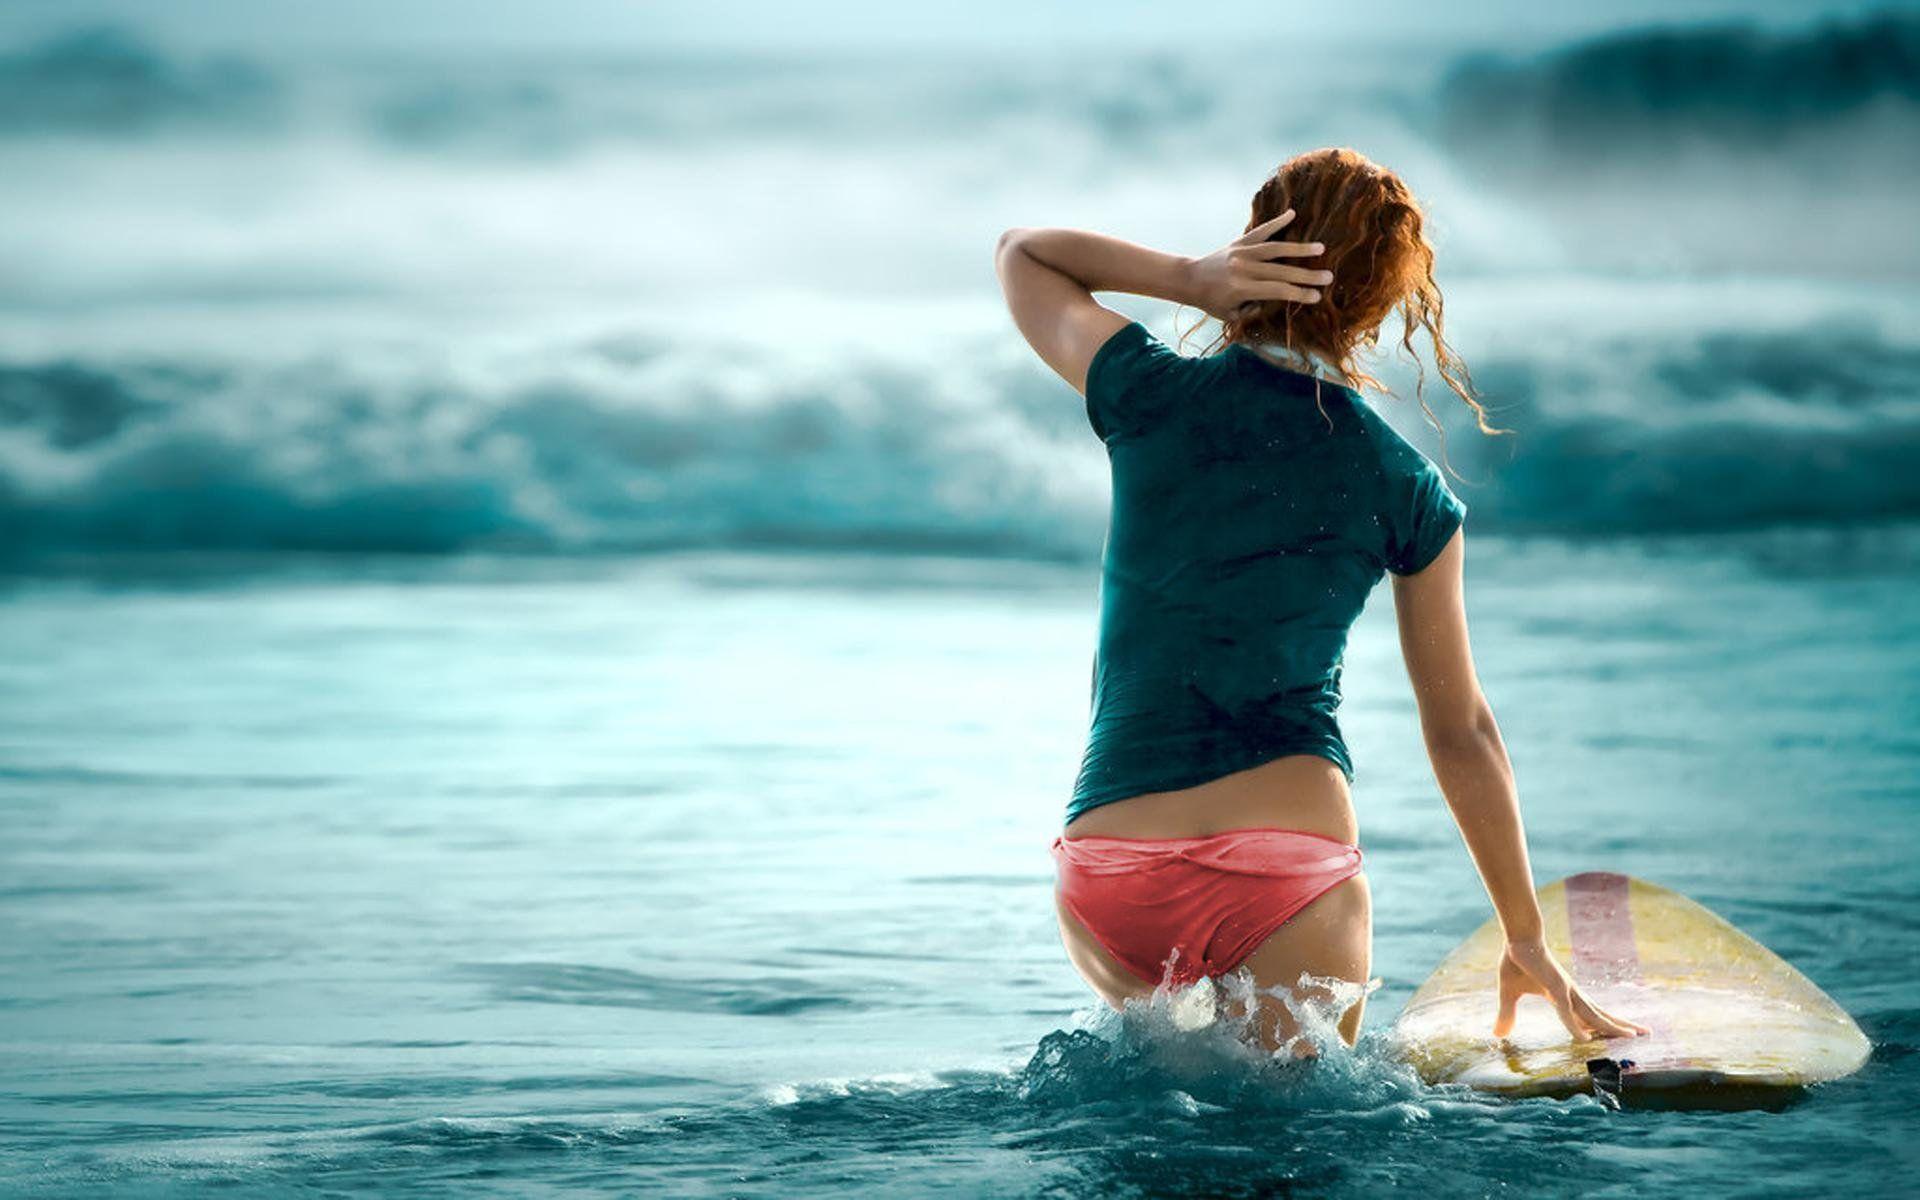 chick surfer girl wallpaper   blue crush   pinterest   surf, surfers